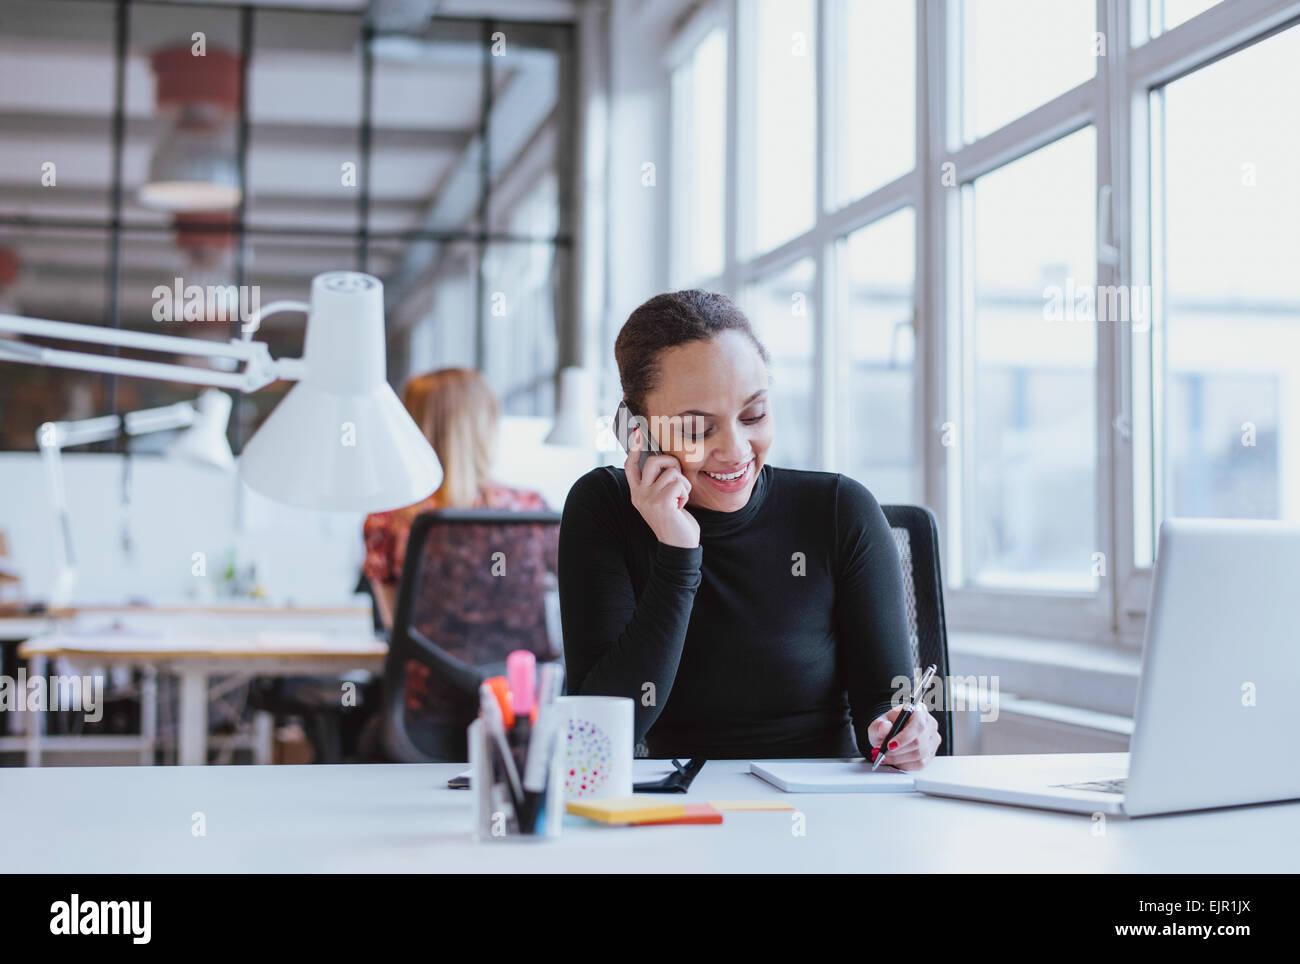 Happy young woman taking notes tout en parlant sur téléphone mobile. Femme africaine travaillant à Photo Stock